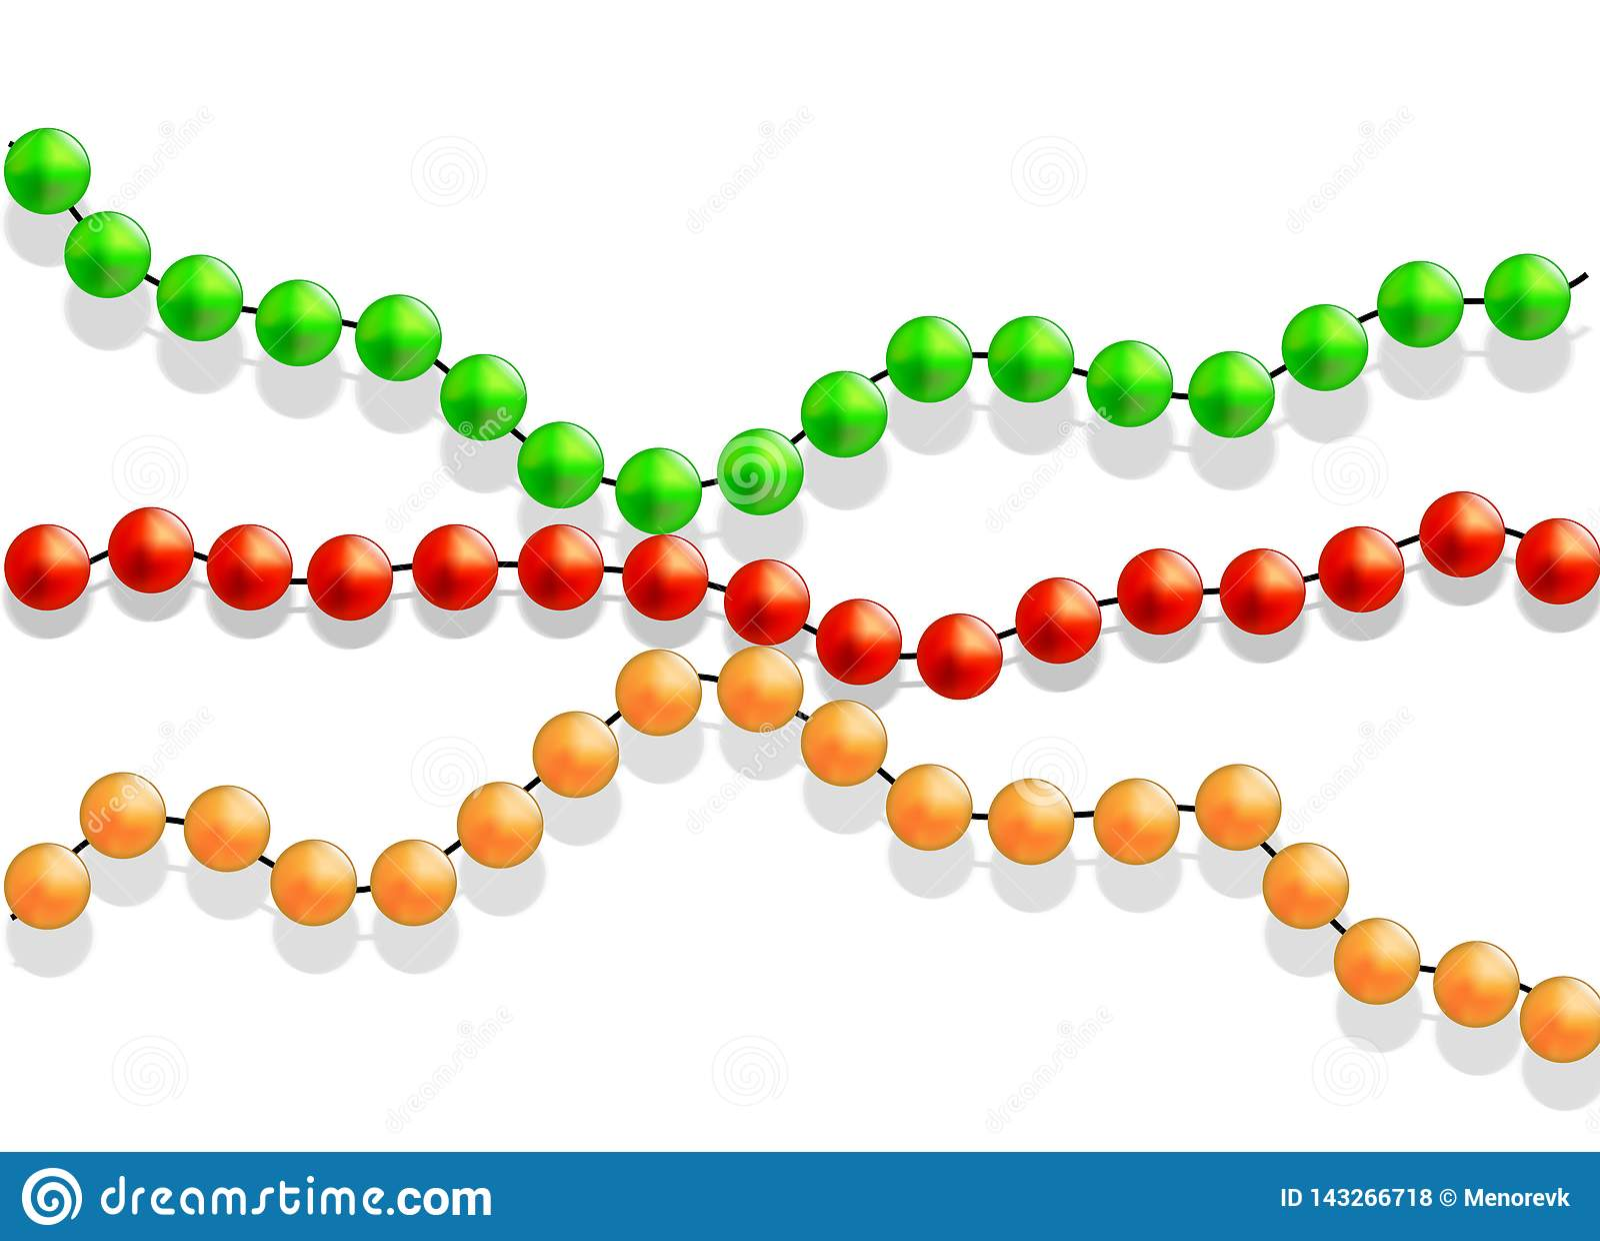 Mehrfarbige Perlen auf einem weißen Hintergrund